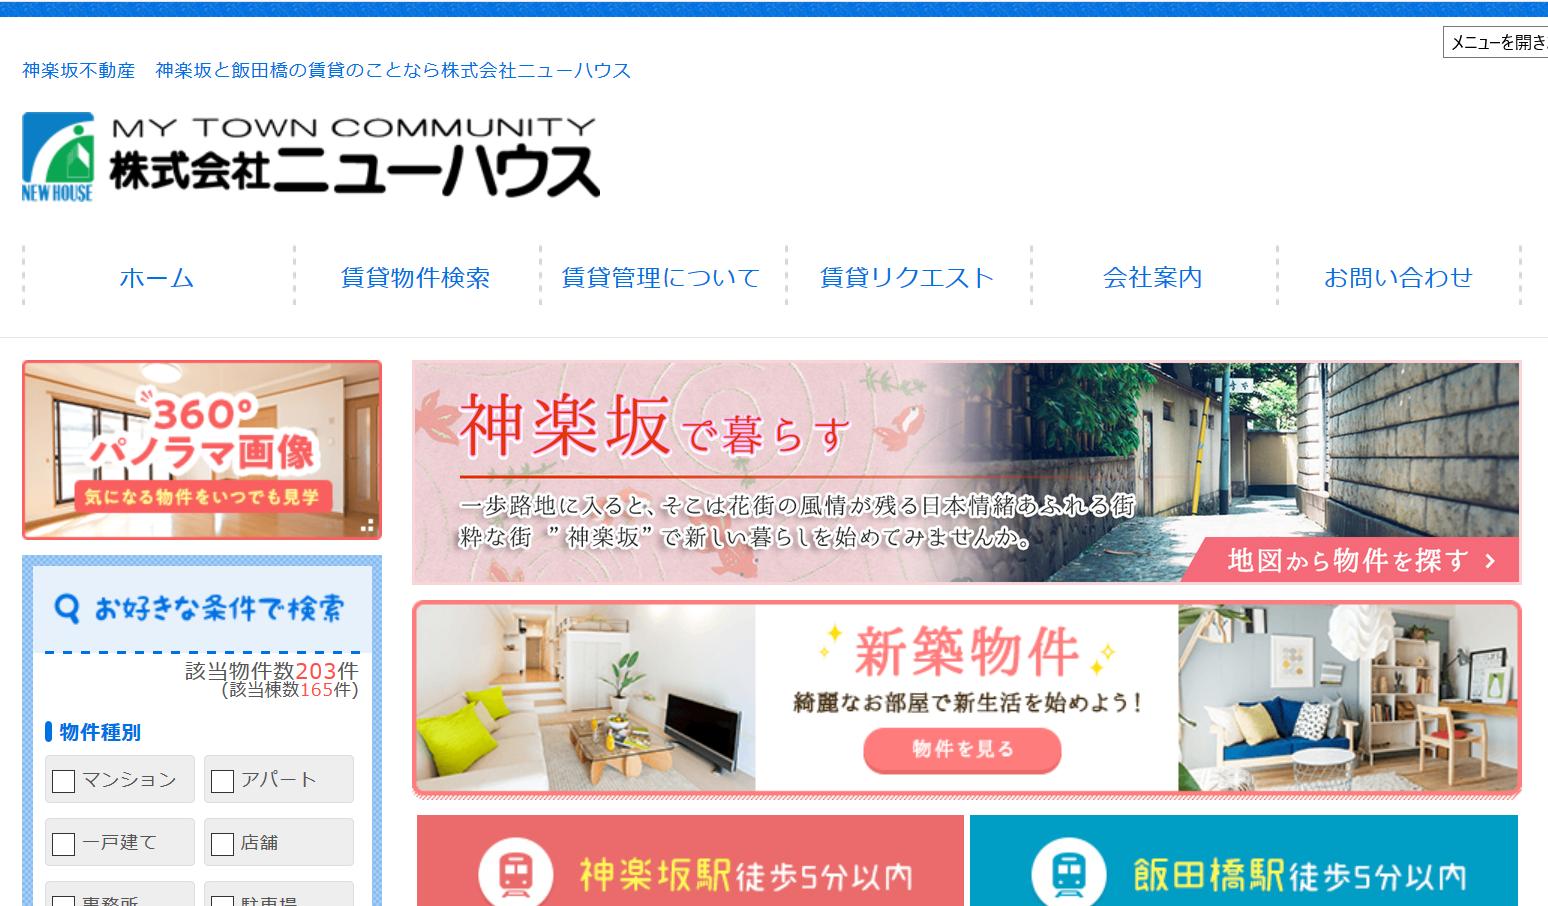 ニューハウス 飯田橋店